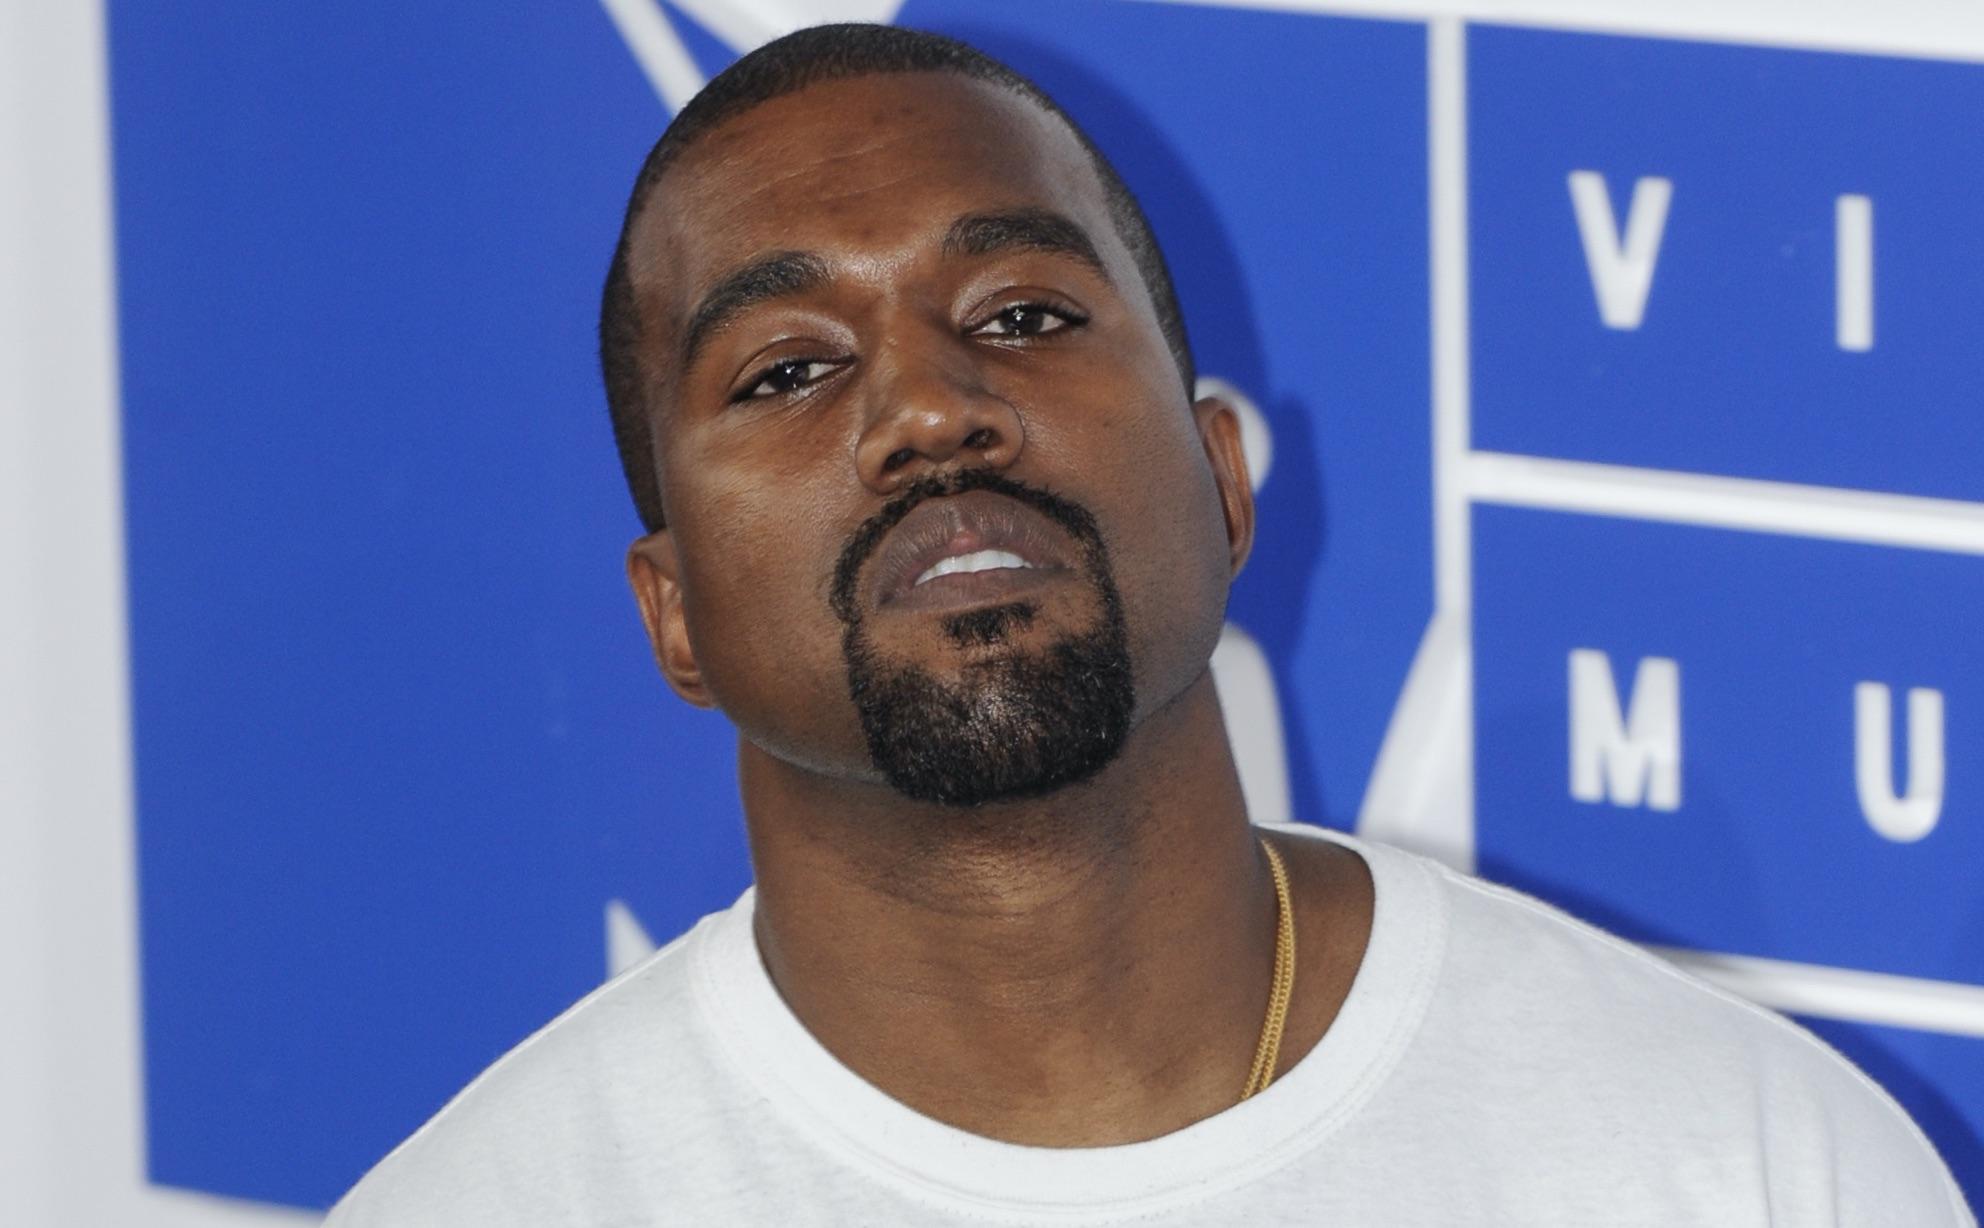 Grand succès de l'album « Jesus Is King » de Kanye West